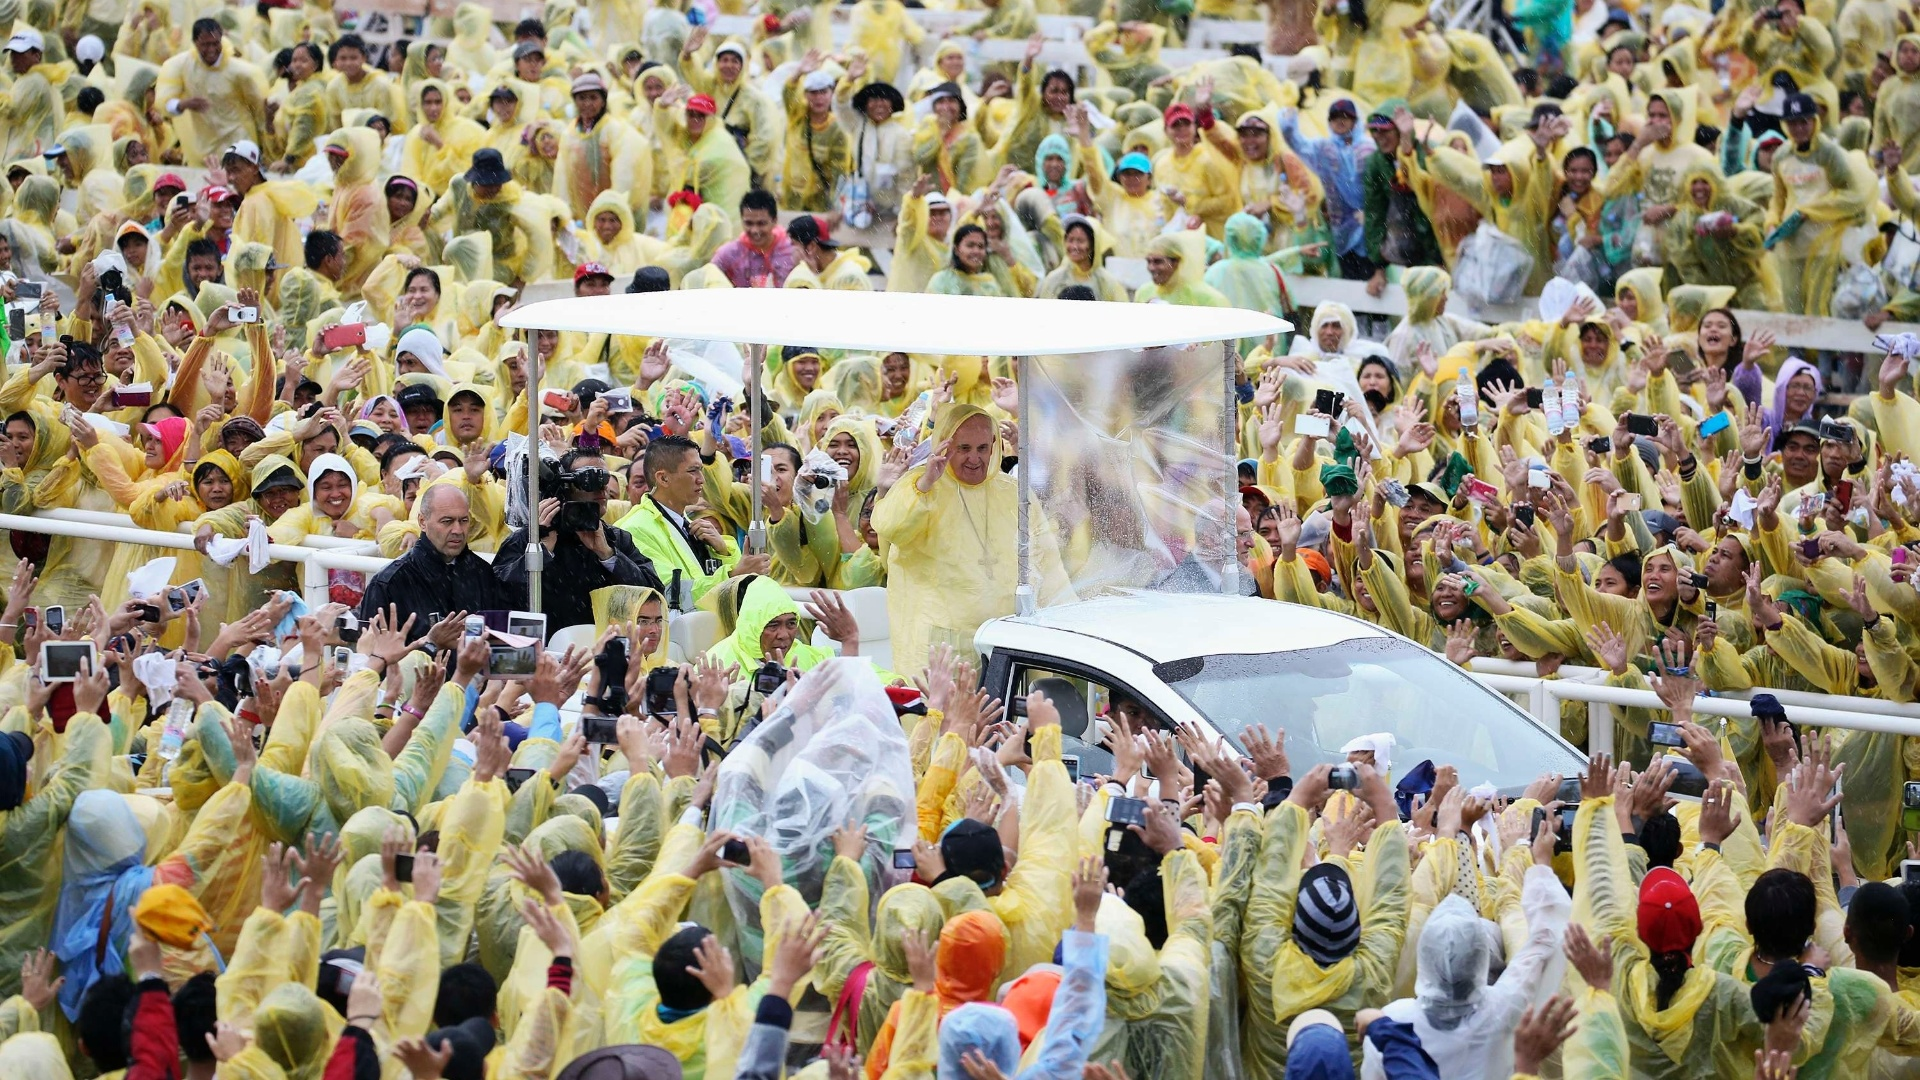 17.jan.2015 - Usando uma proteção para chuva, papa Francisco acena para multidão antes de celebrar uma missa em Tacloban, devastada pelo tufão Haiyan em 2013, na maior tormenta já enfrentada pelas Filipinas e que deixou milhares de mortos. A tempestade tropical Mekkhala está se aproximando da região, o que deixa o país em alerta